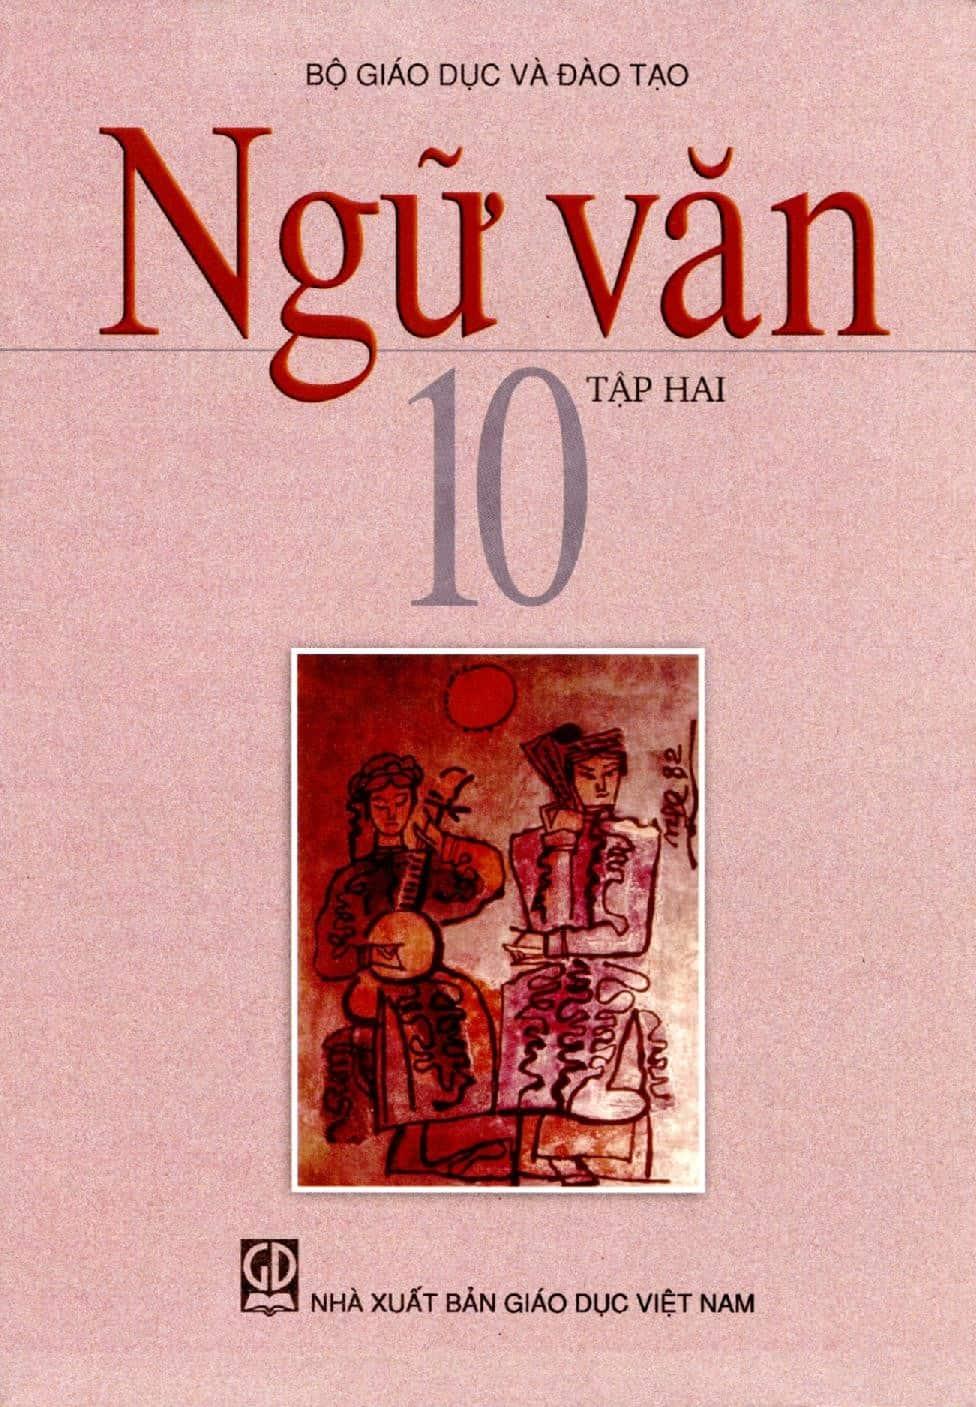 Tiết 88. Truyện Kiều (Phần 1. Tác giả Nguyễn Du)